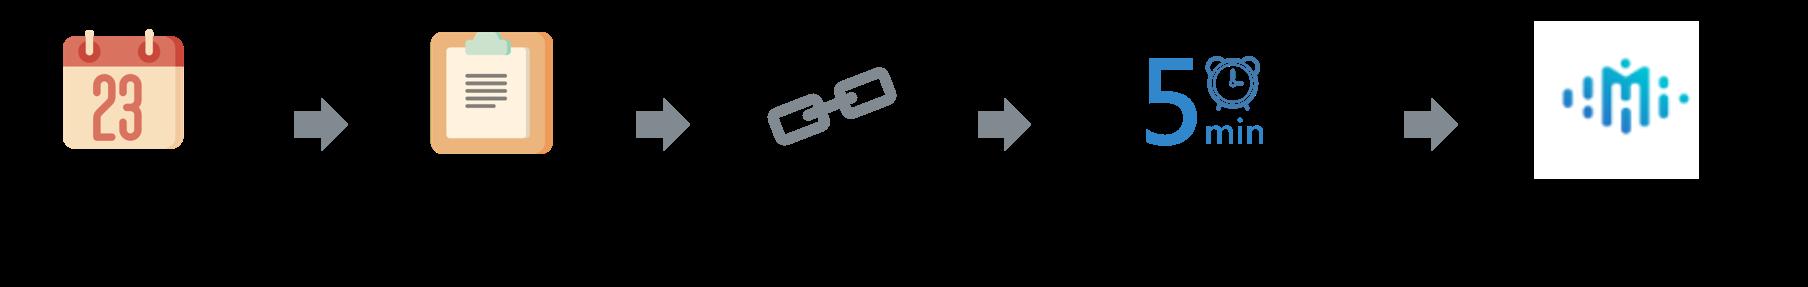 您與個案約定好諮詢時間後,將相關資訊提供給心保視訊,我們會協助您開啟線上諮詢平台,並寄送平台連結。您可以自行將連結轉發給個案,或是由心保視訊將個案加入會議室。在諮詢時間開始前5分鐘即可進入平台做事前準備!